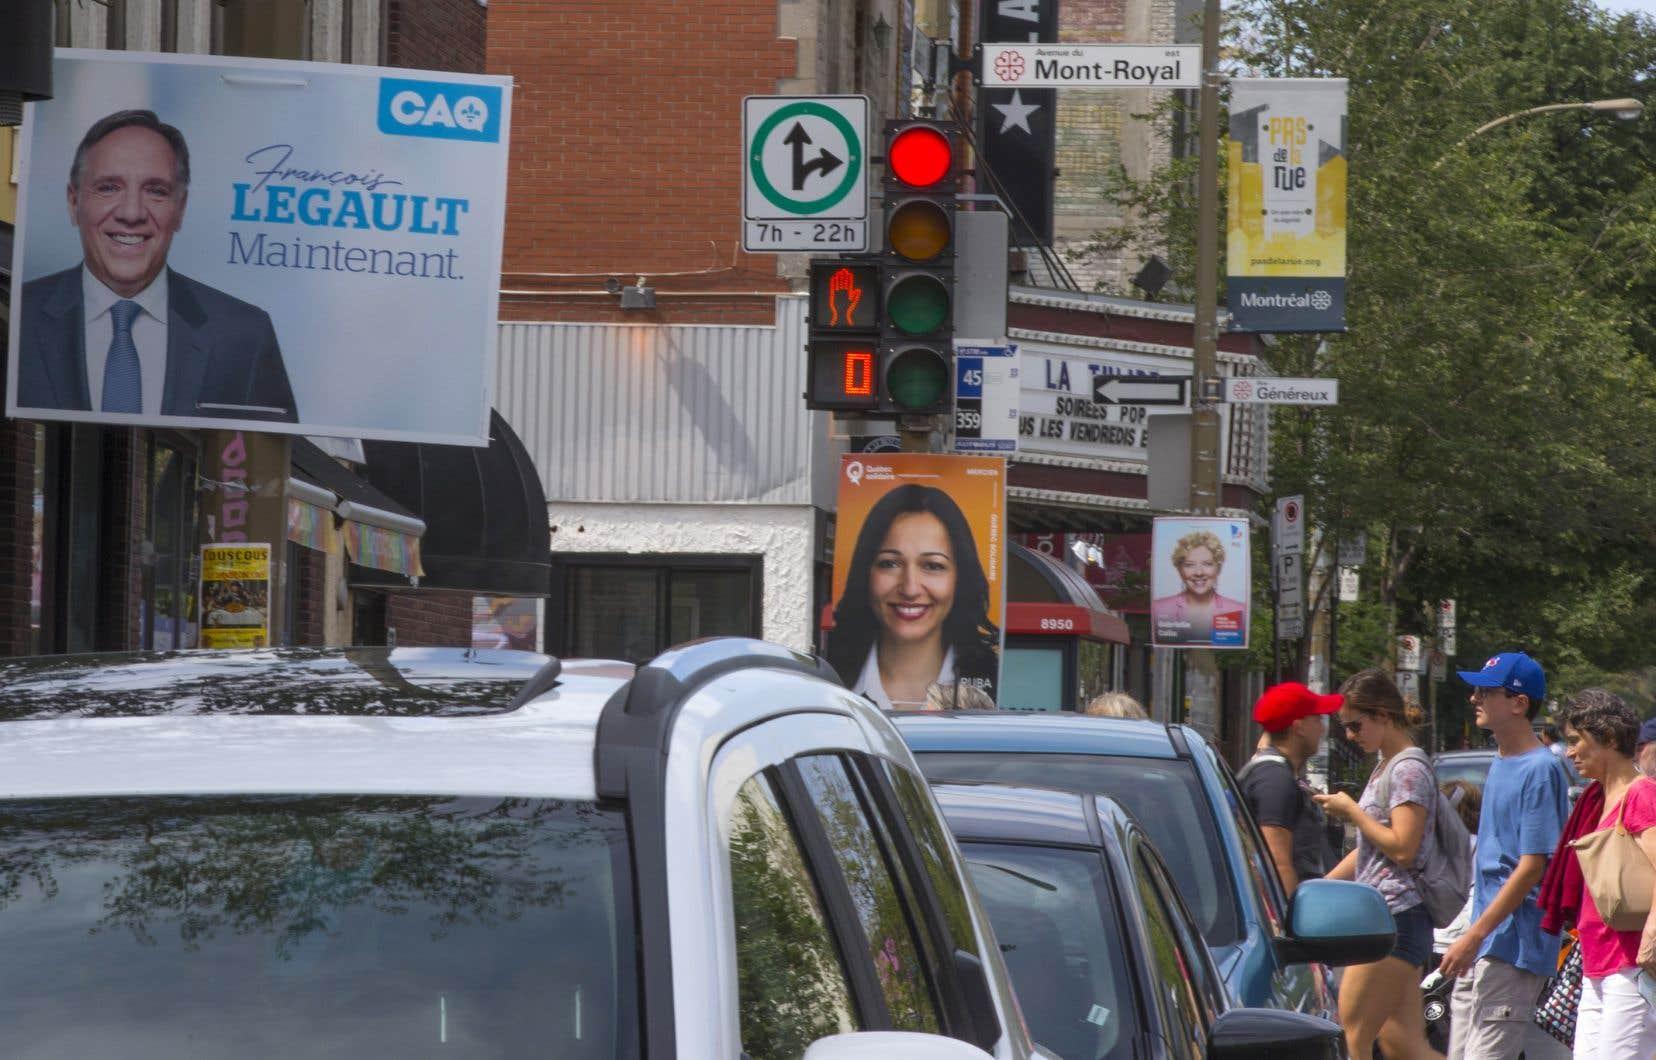 Les partis politiques du Québec sont alignés au fil de départ; la campagne électorale est officiellement déclenchée.